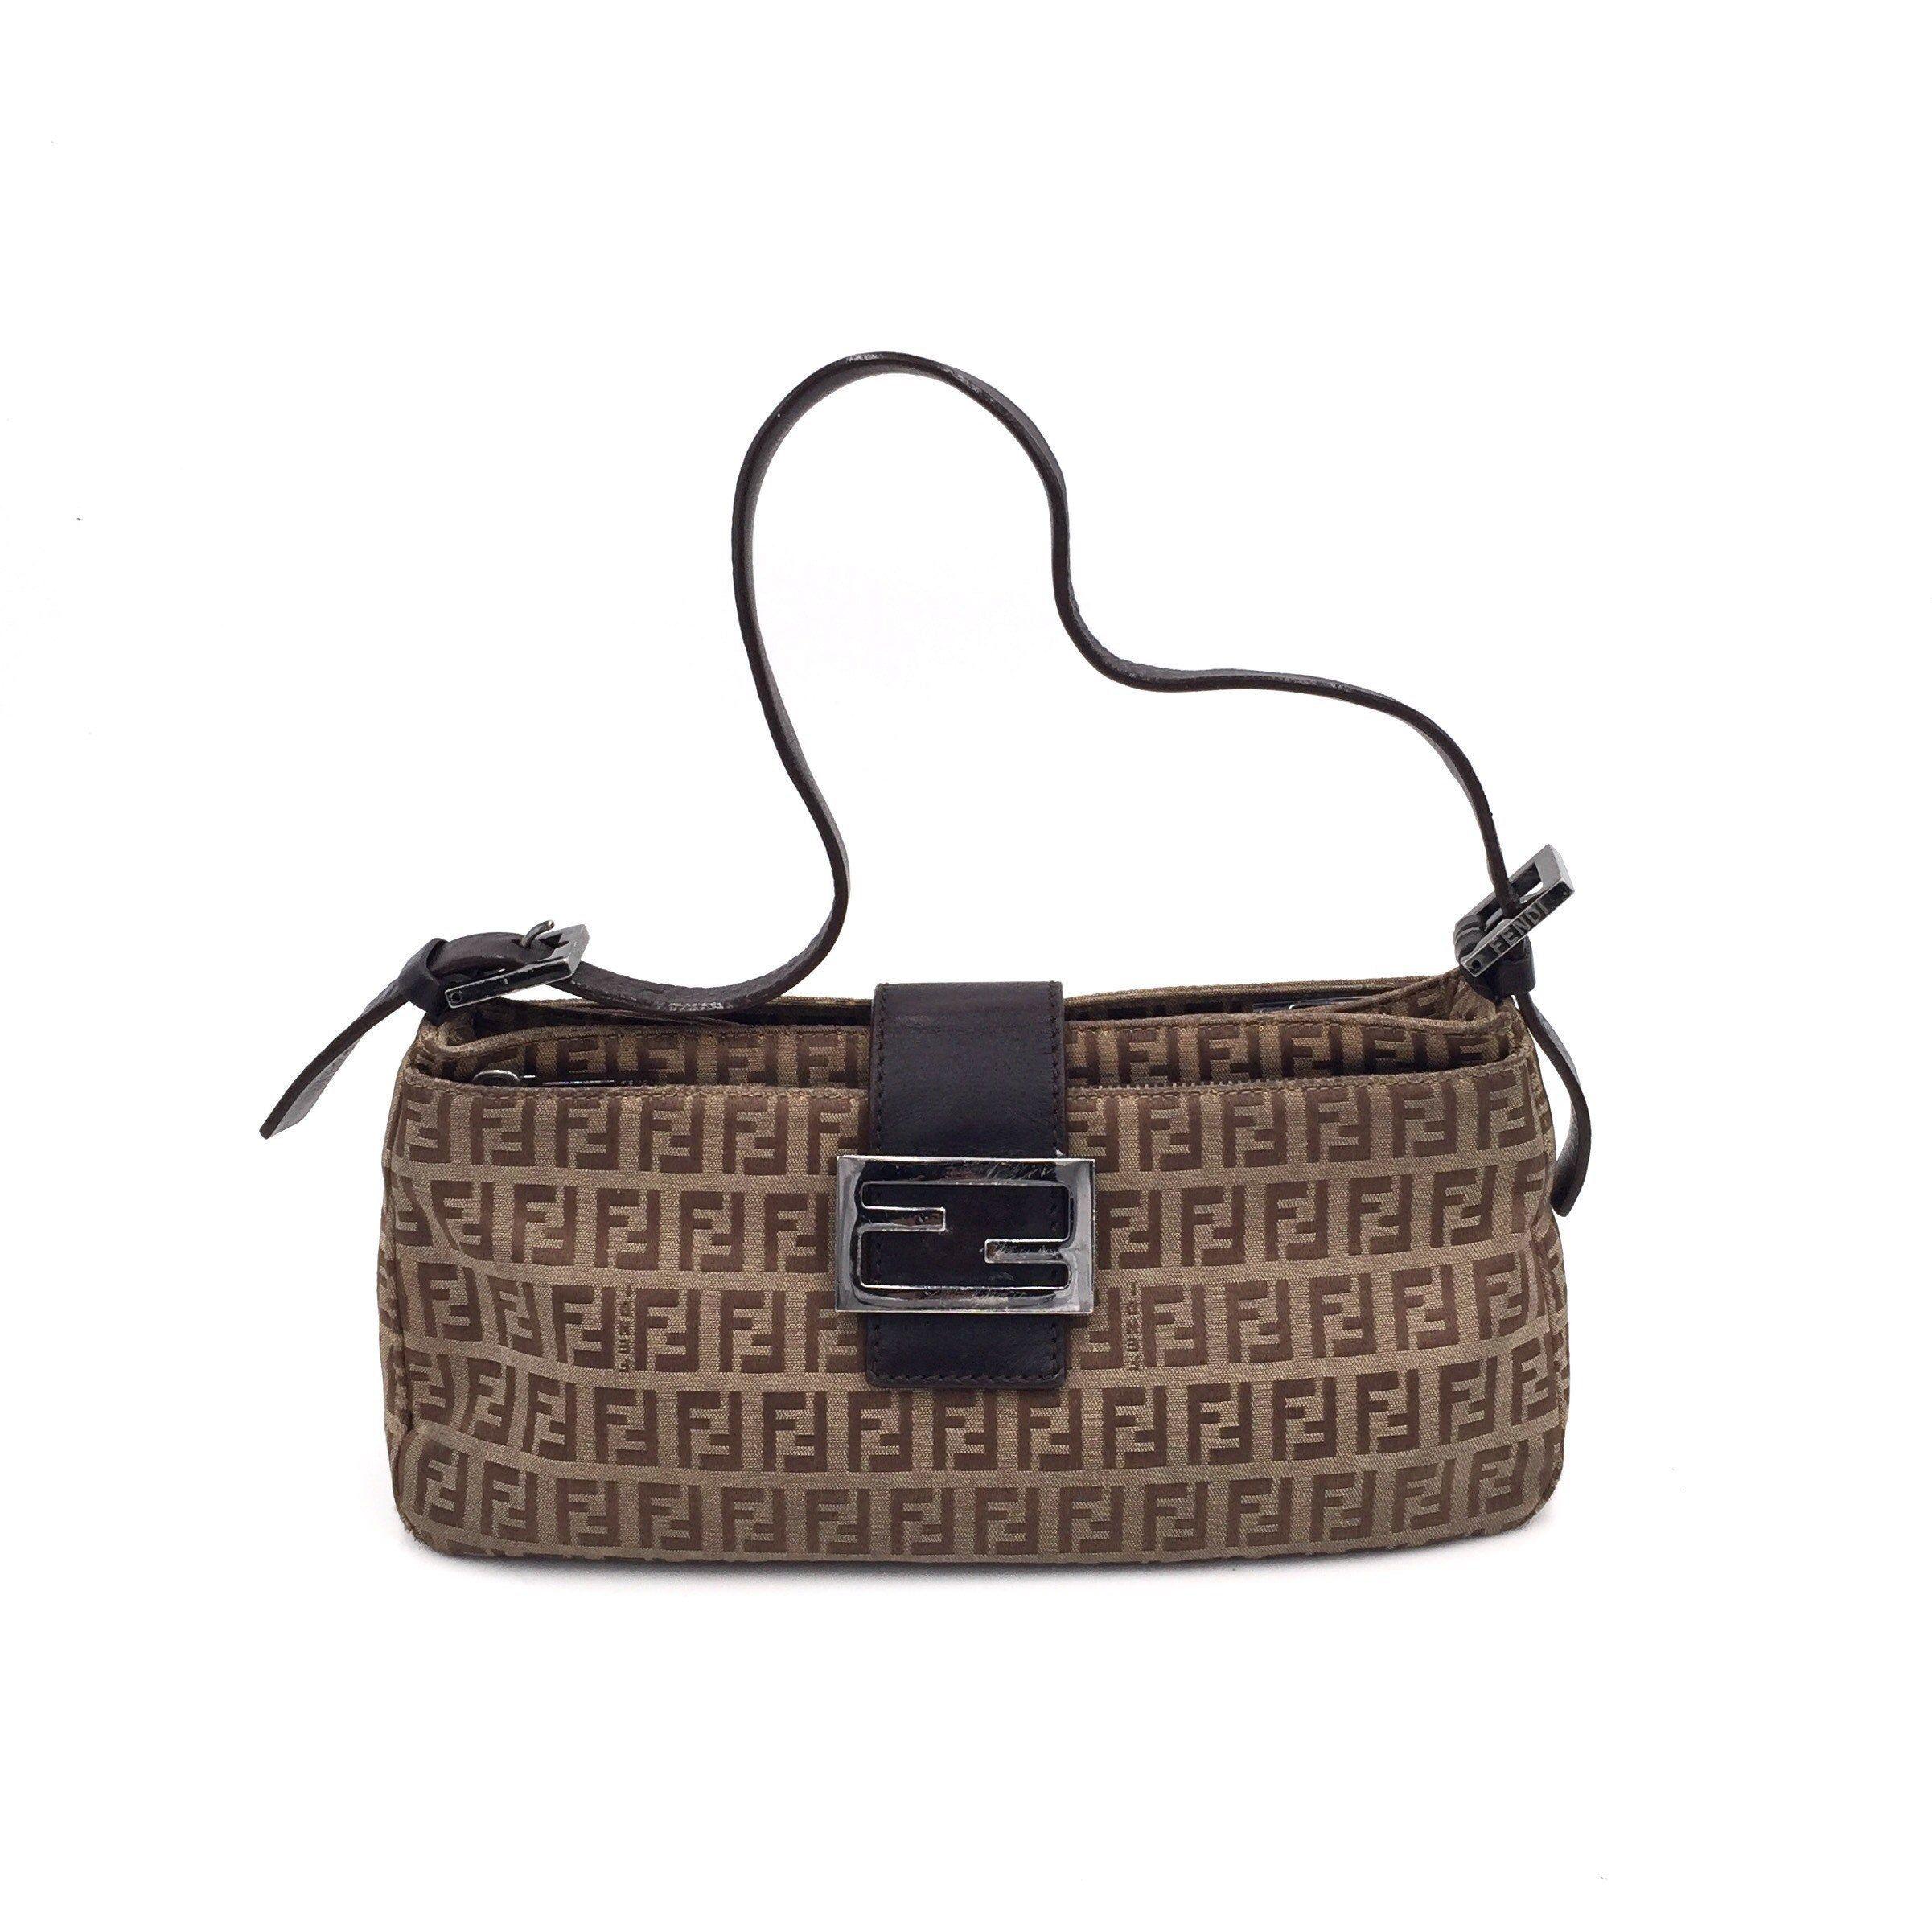 480bb5bc6c7 Authentic Vintage Fendi Zucca Baguette Bag | Fendi Vintage Bag ...